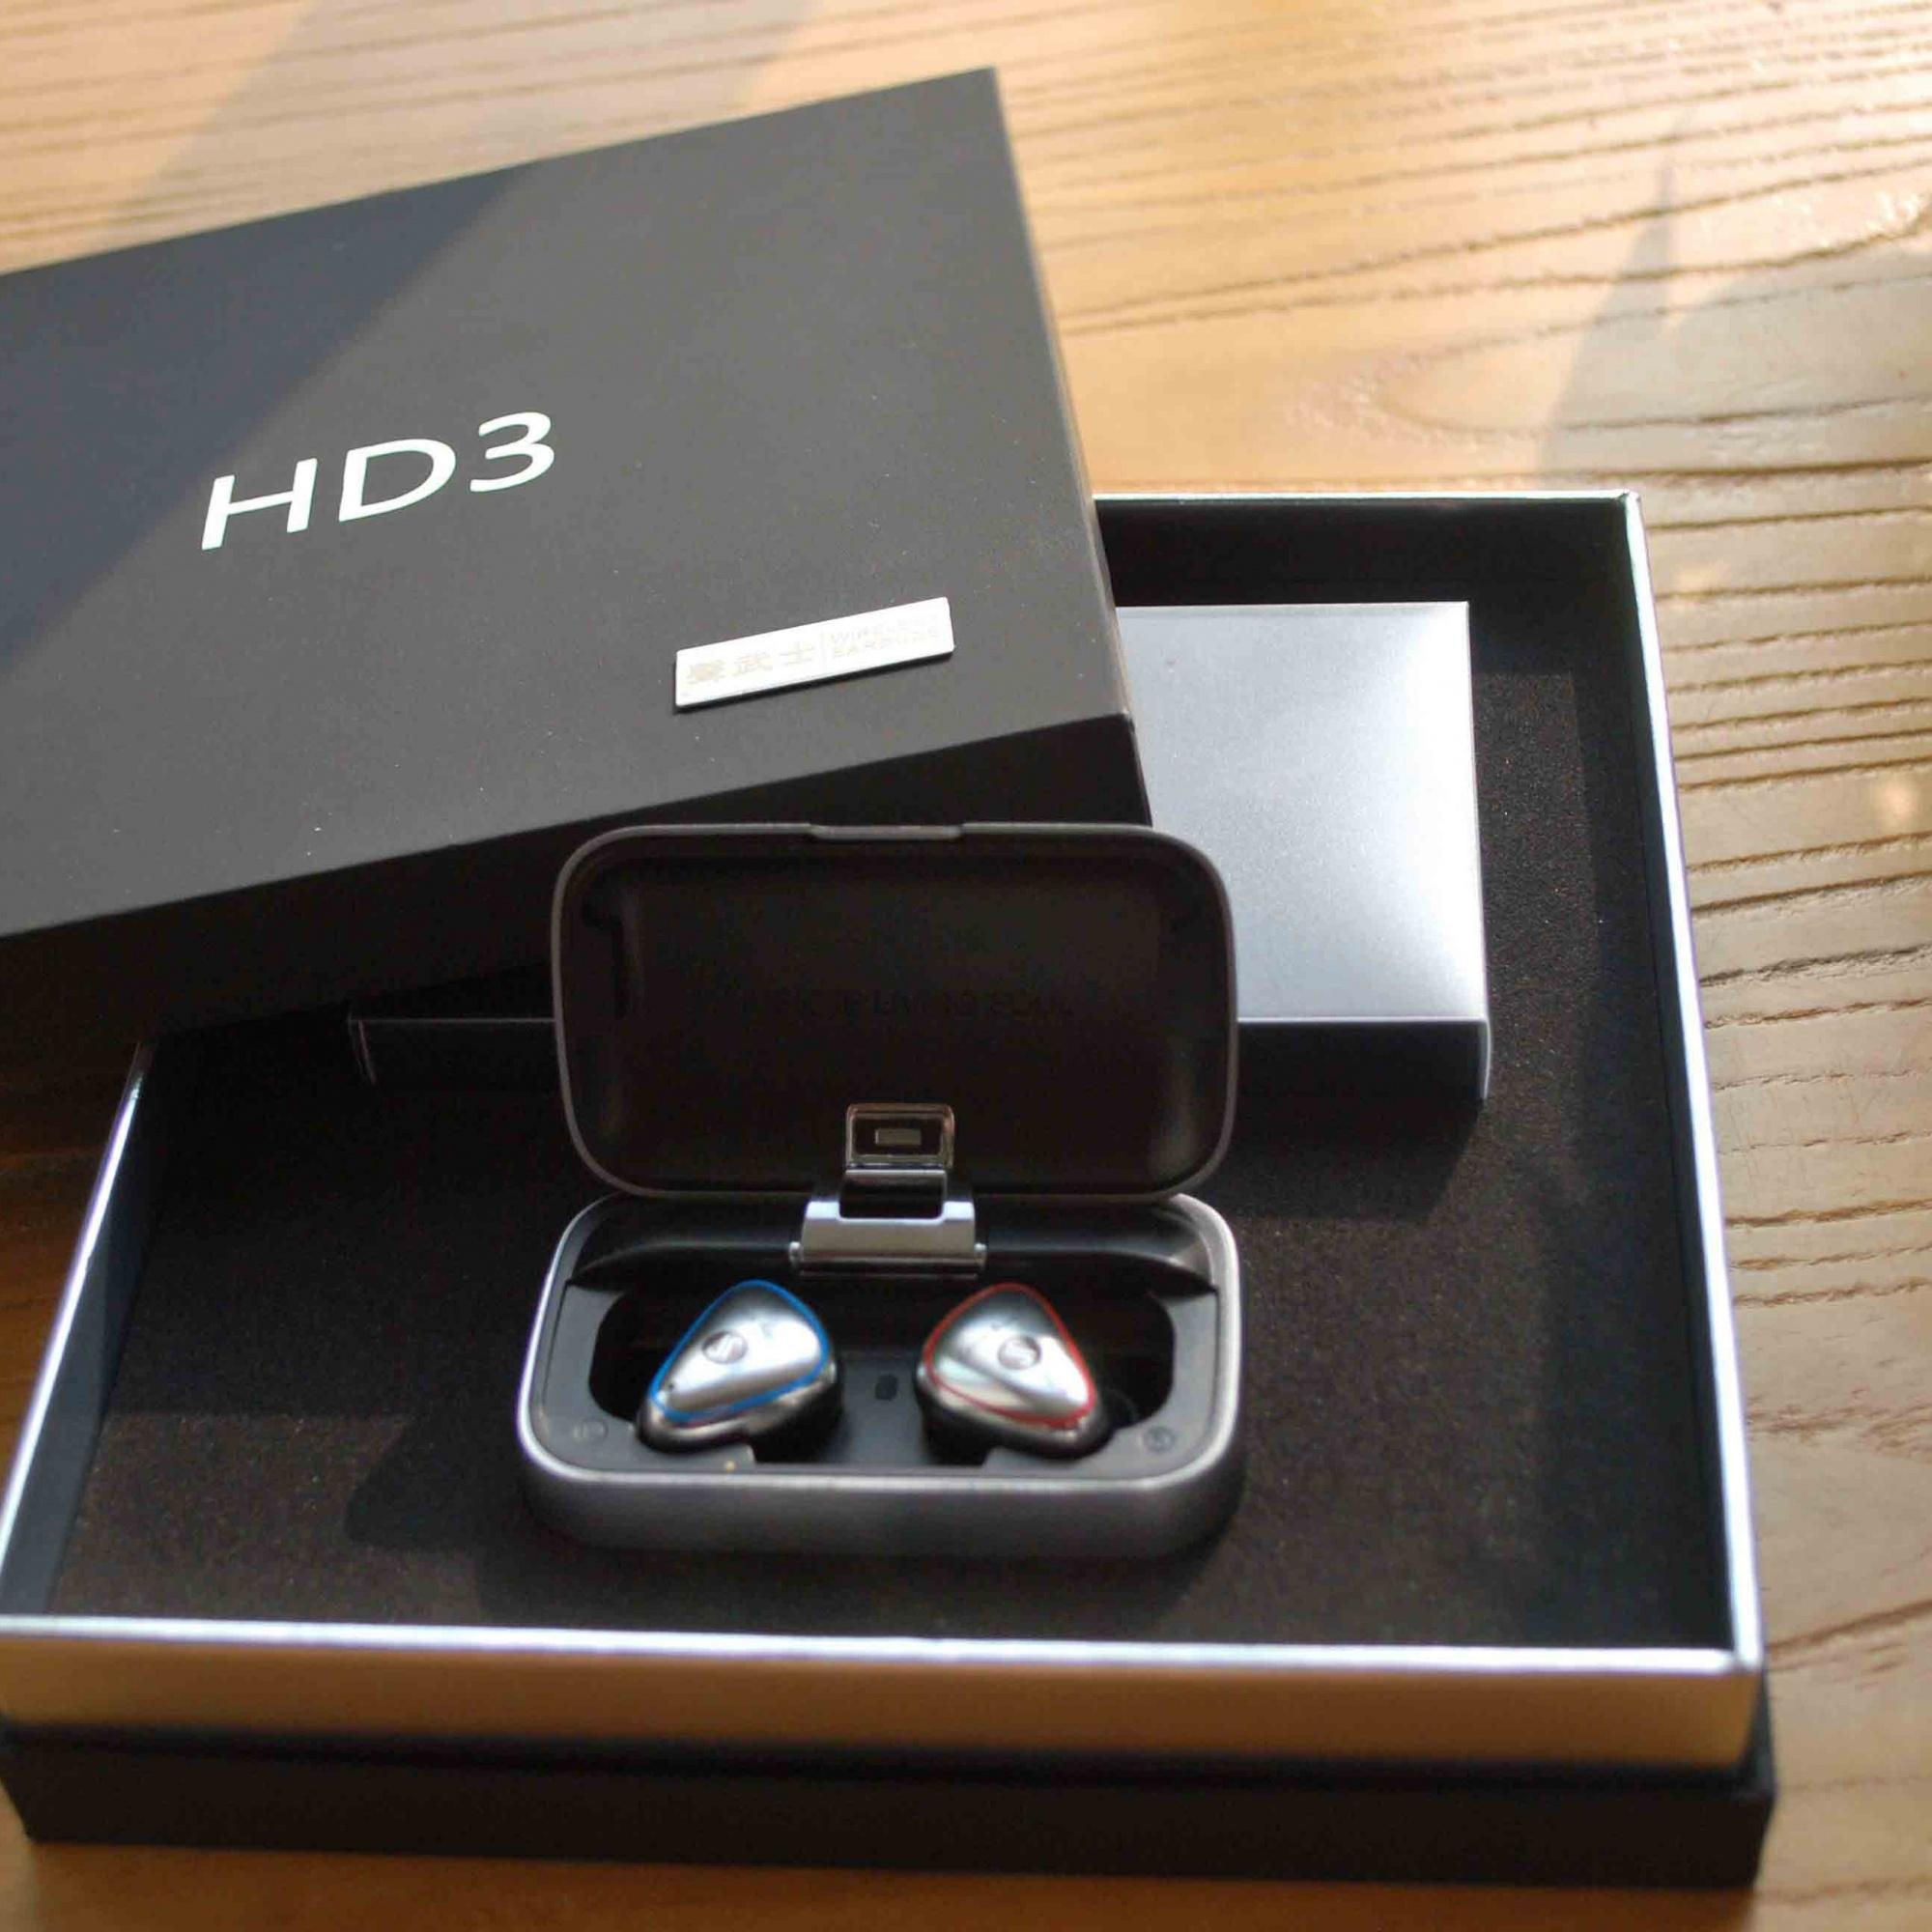 华强北AirPods蓝牙耳机值得买吗?对比 声武士 HD3谁更强?